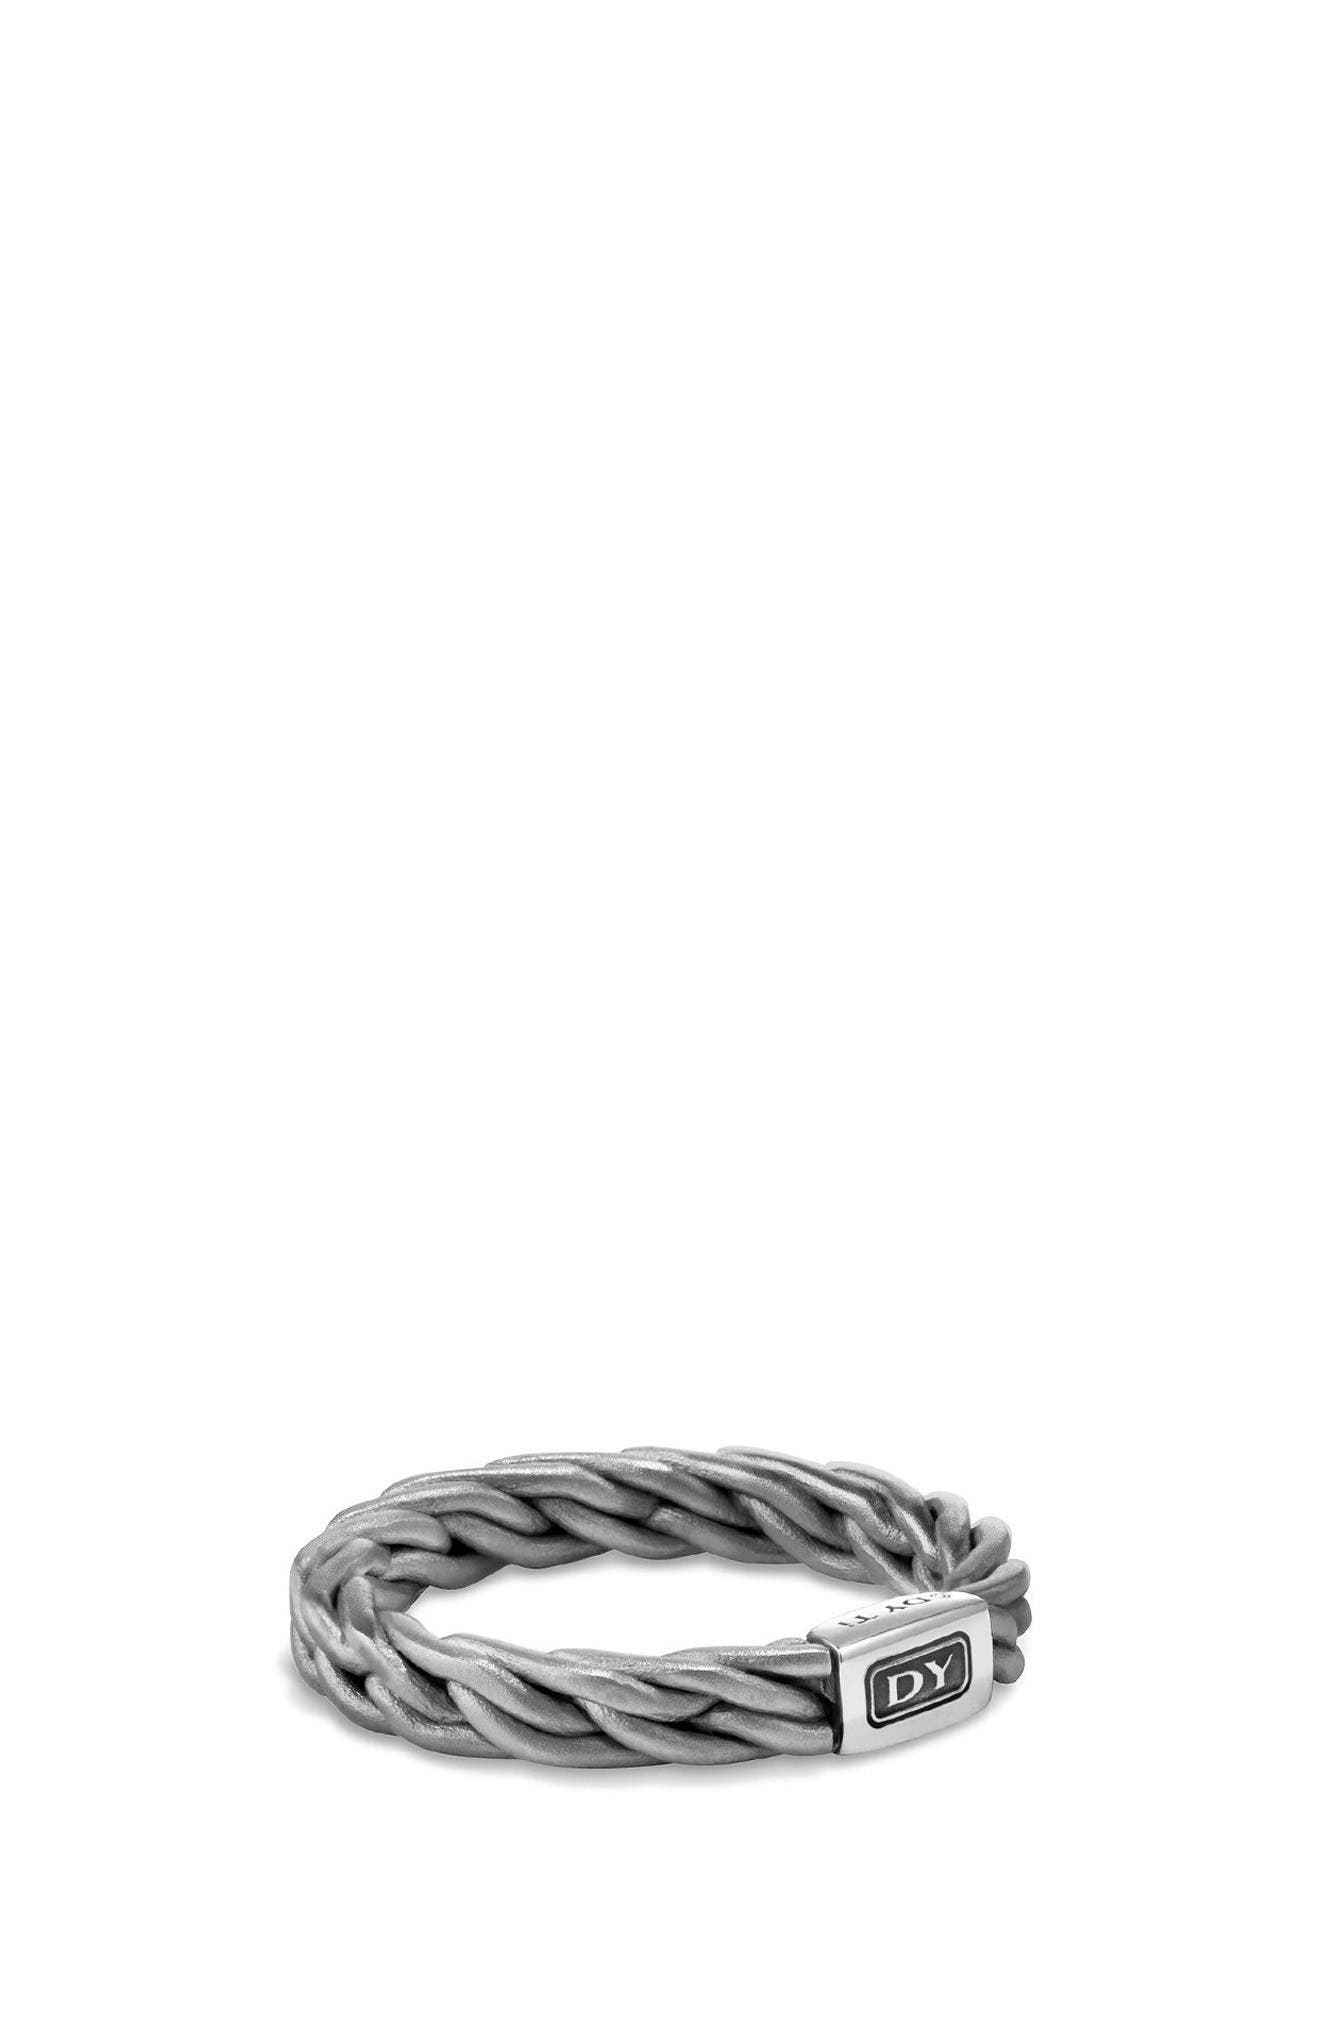 Titanium Band Ring,                         Main,                         color, Grey/ Titanium